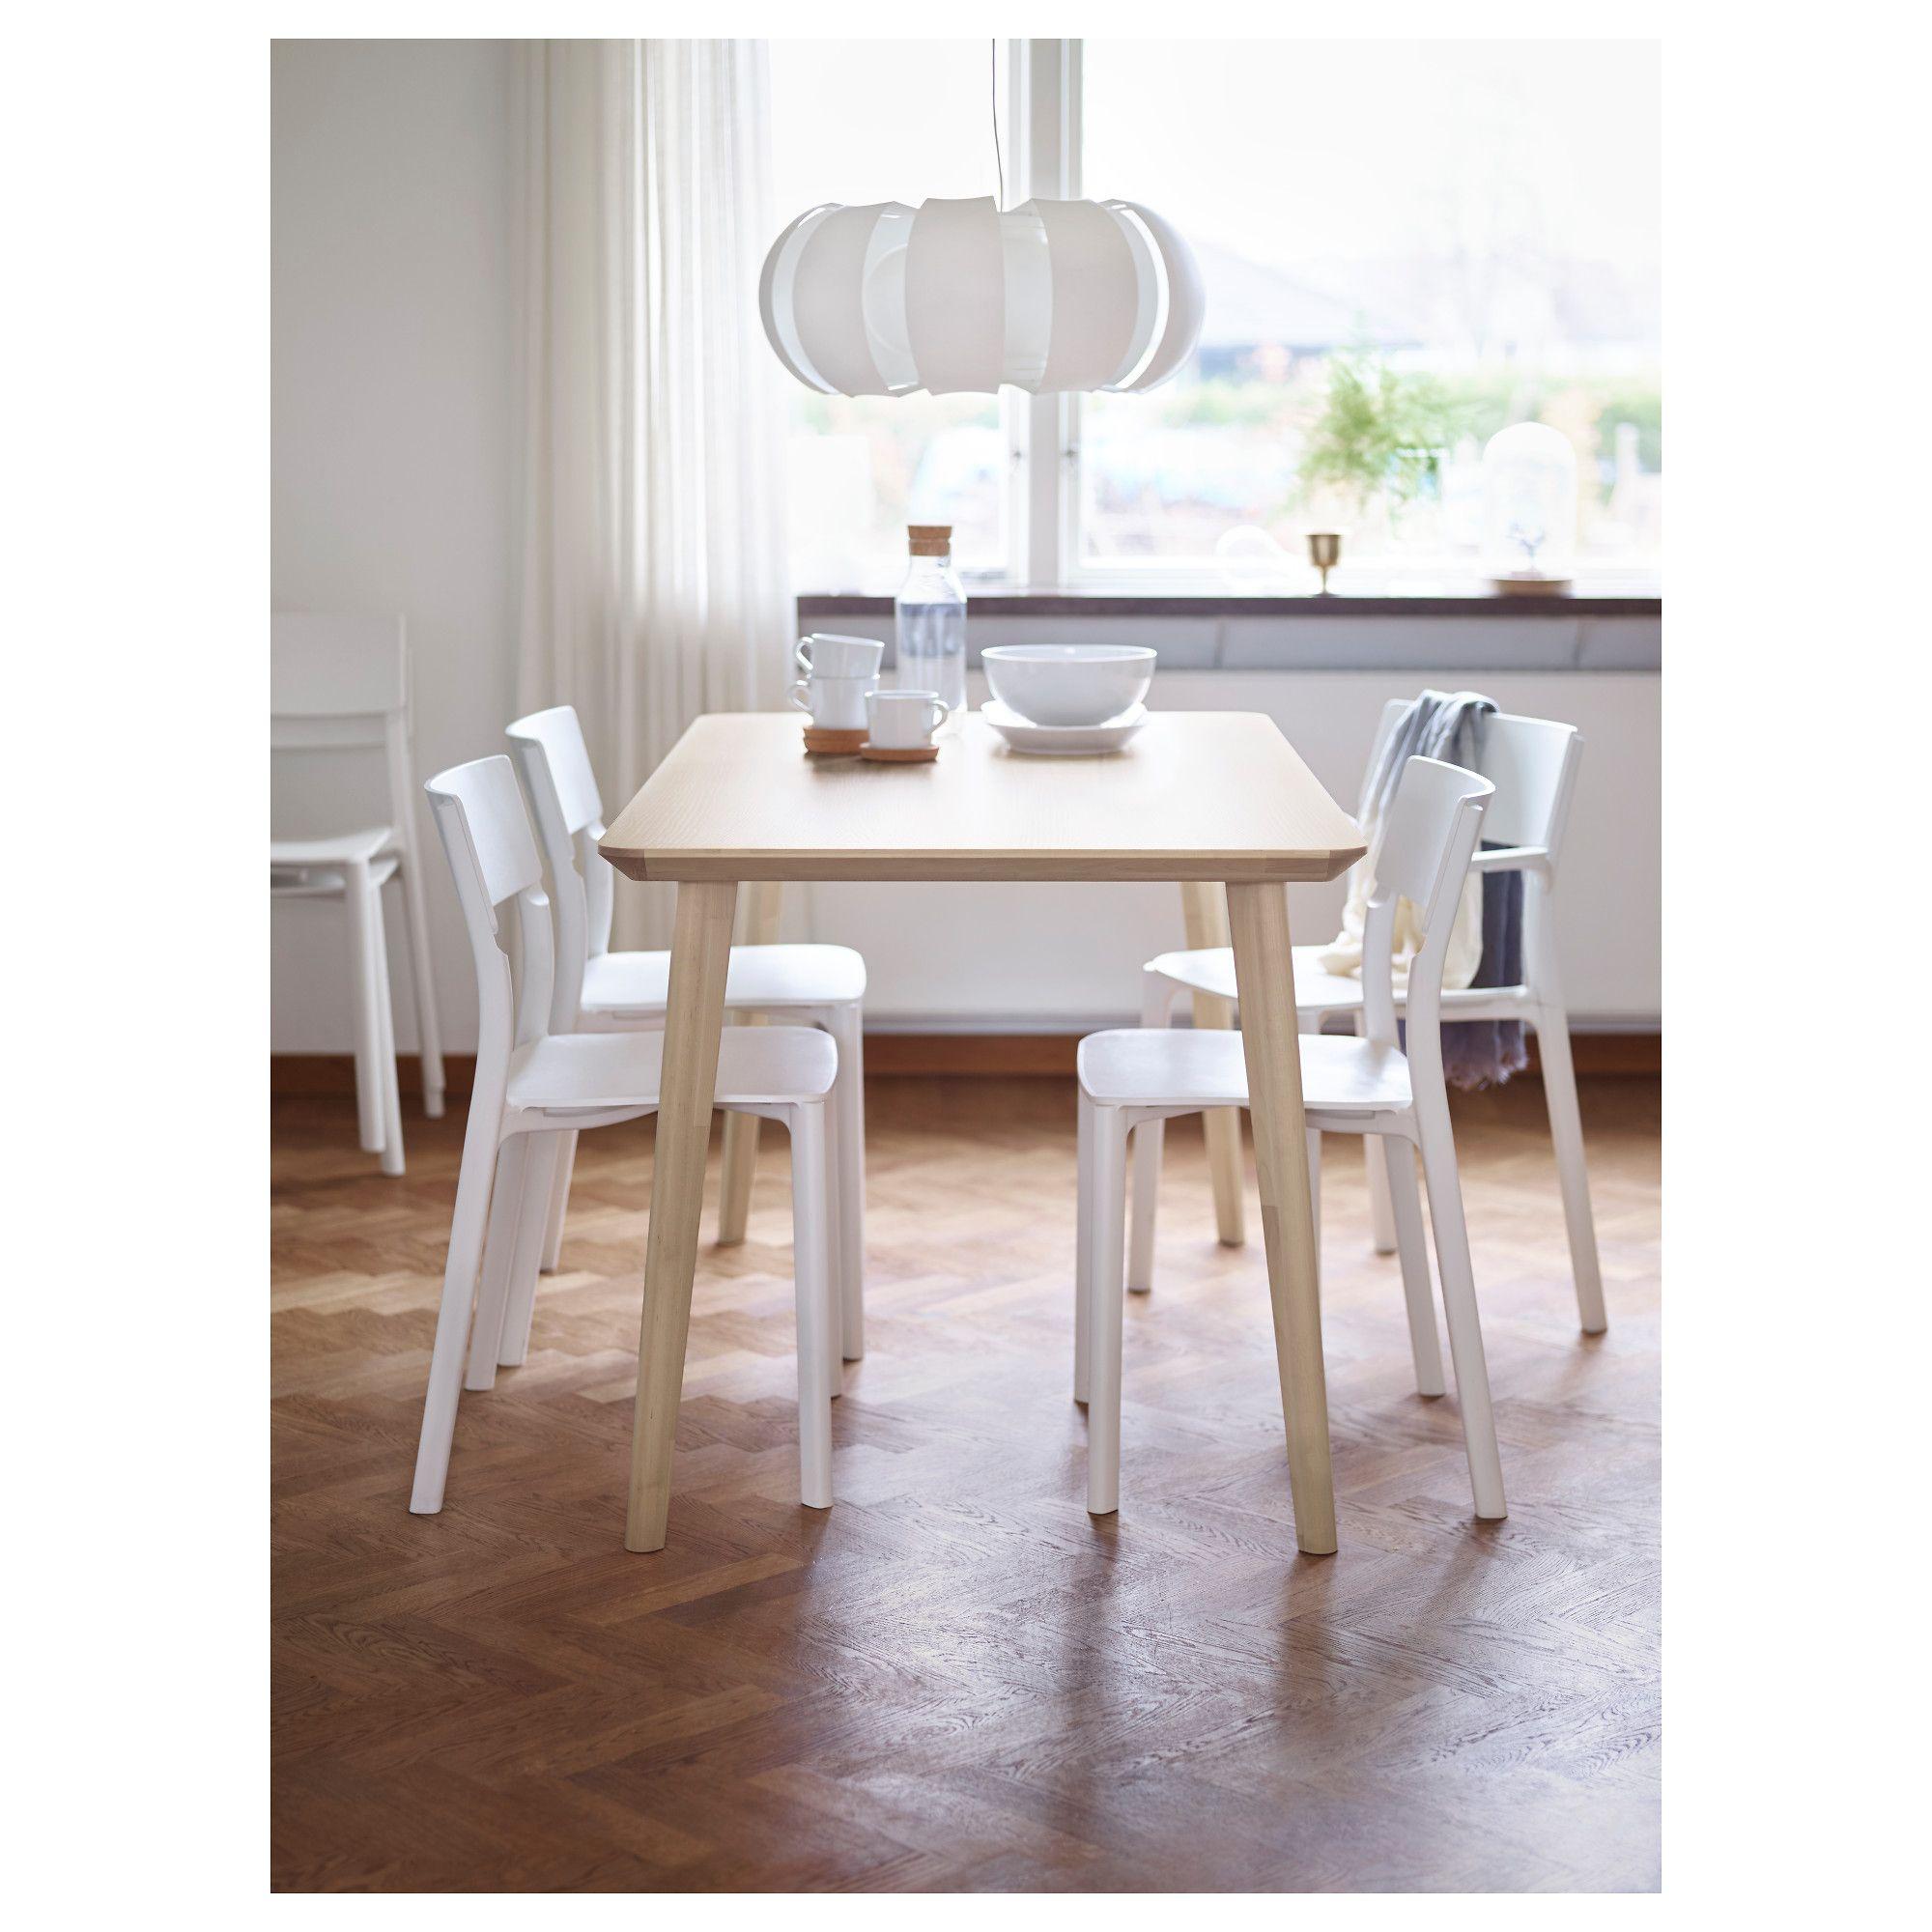 Carrelli Da Cucina Ikea | madgeweb.com idee di interior design